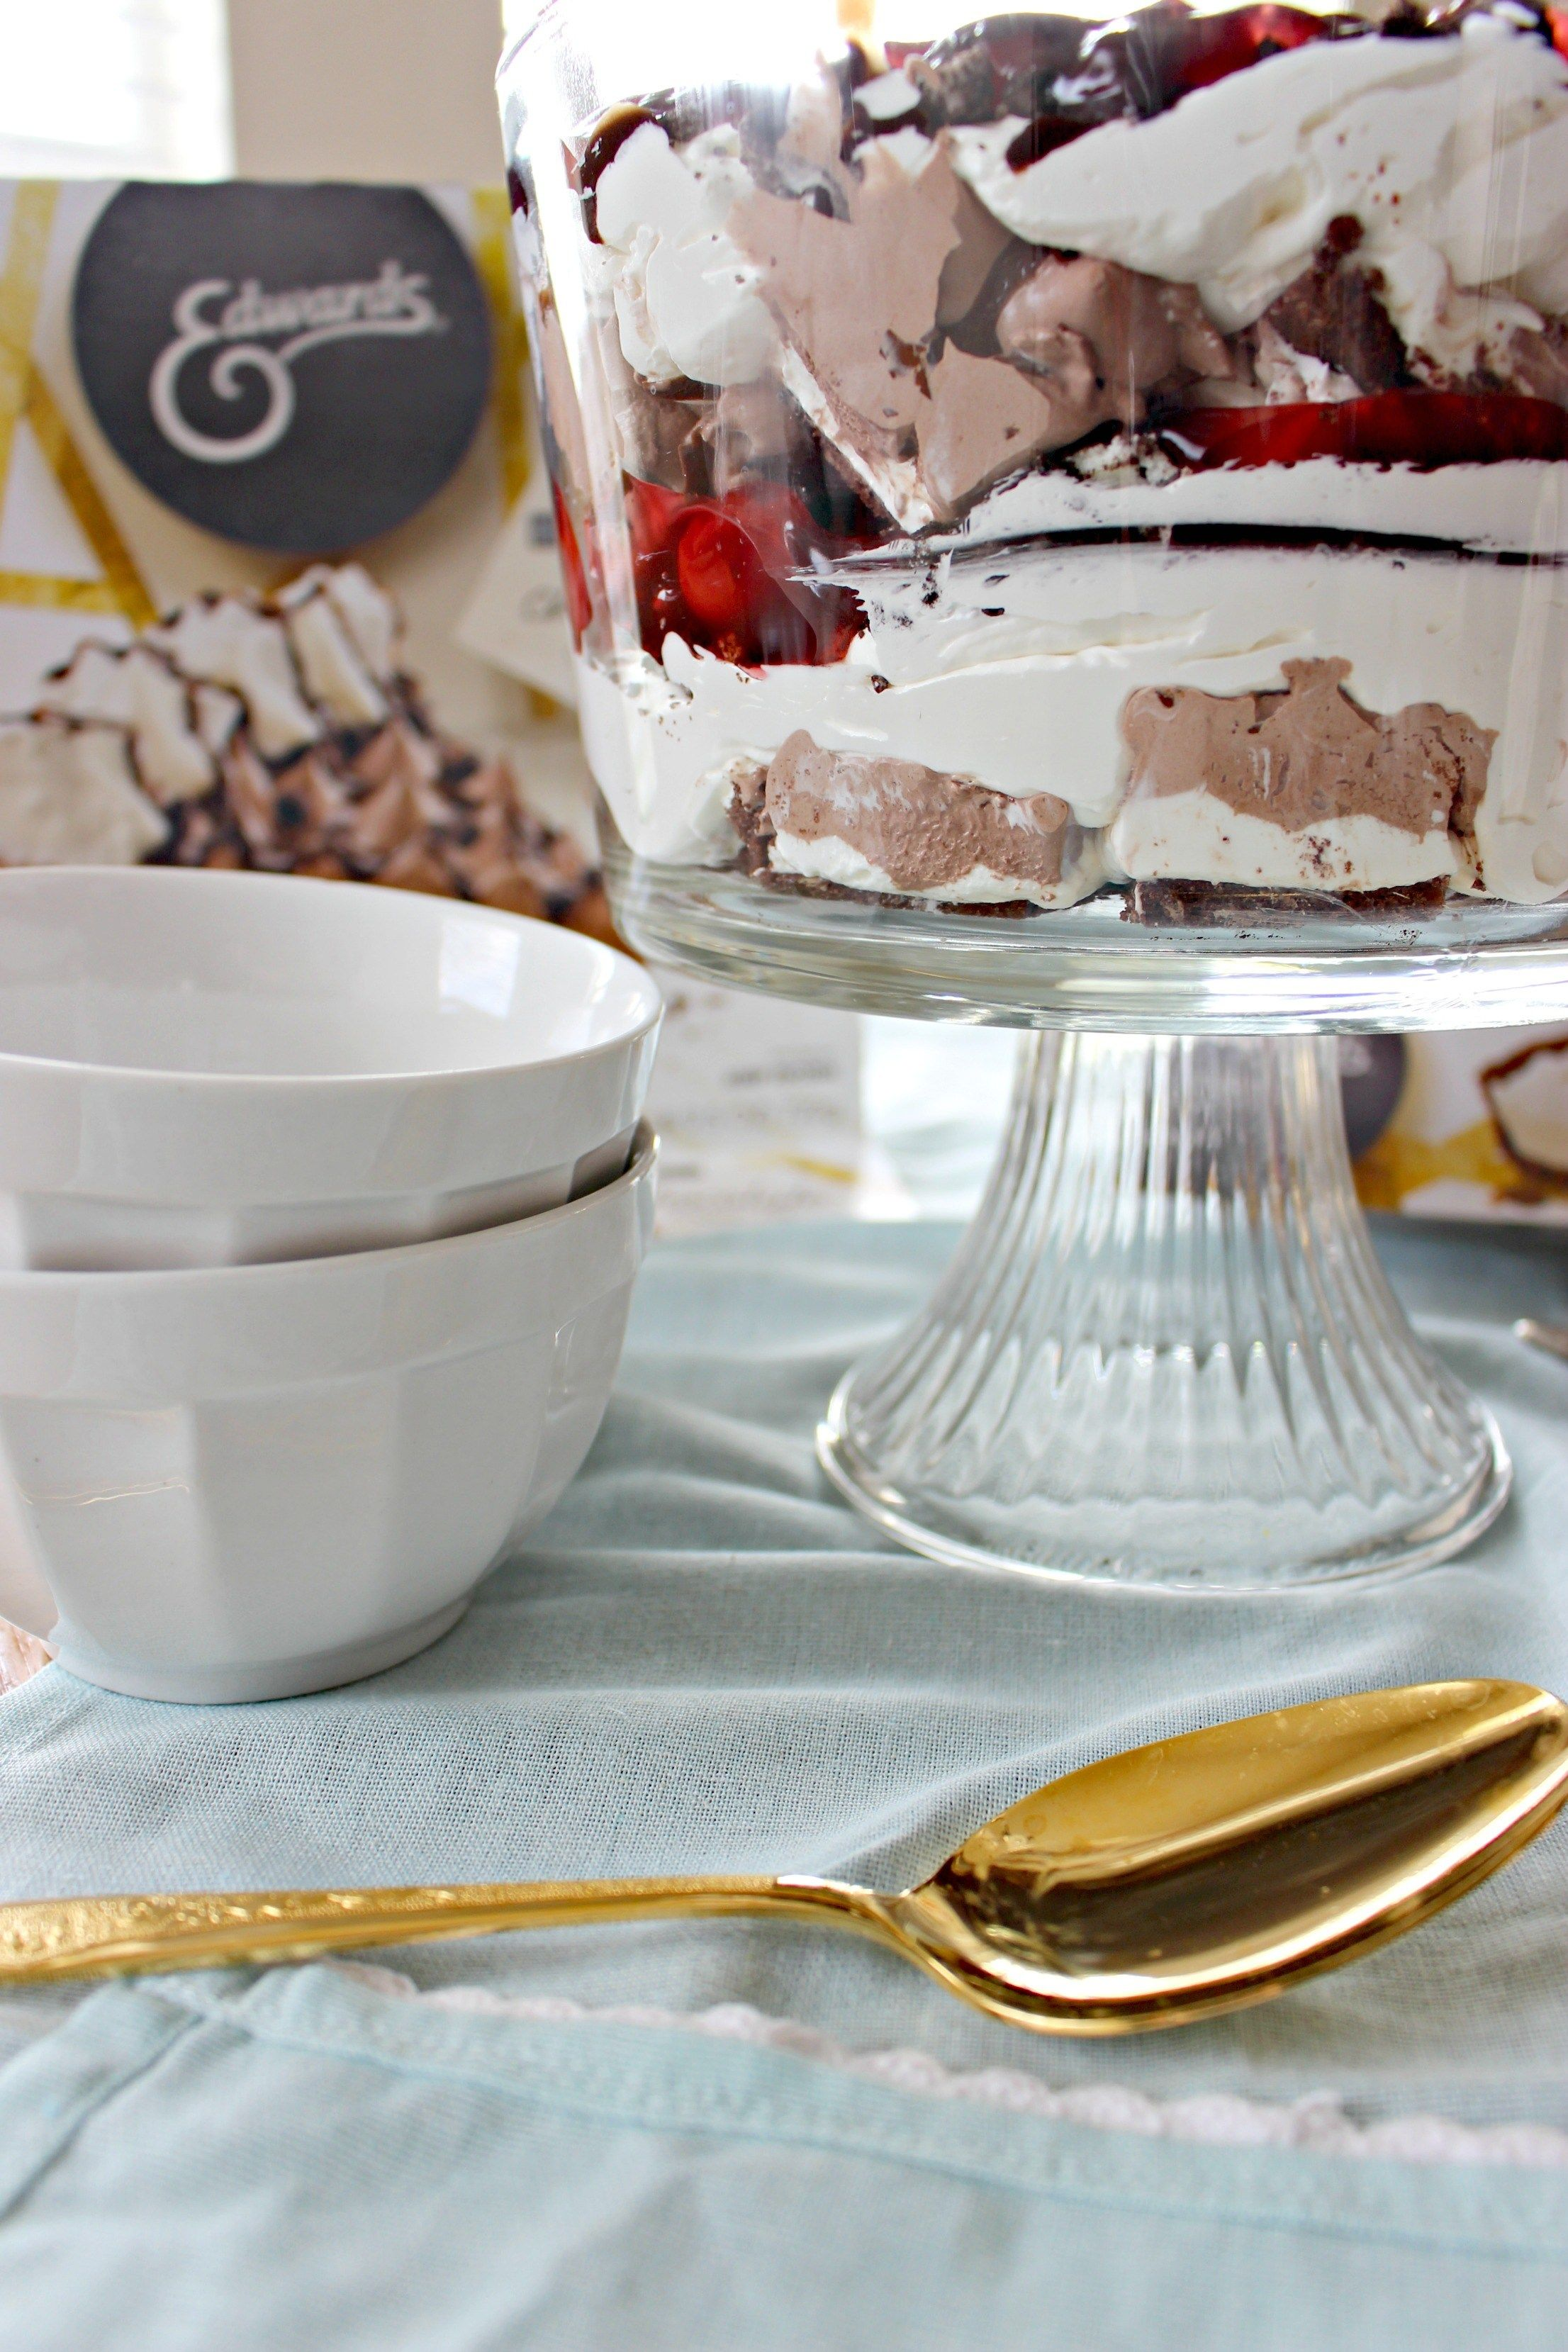 Chocolate, Cherries & Cream Trifle Dessert #Ad #SameTasteNewLook